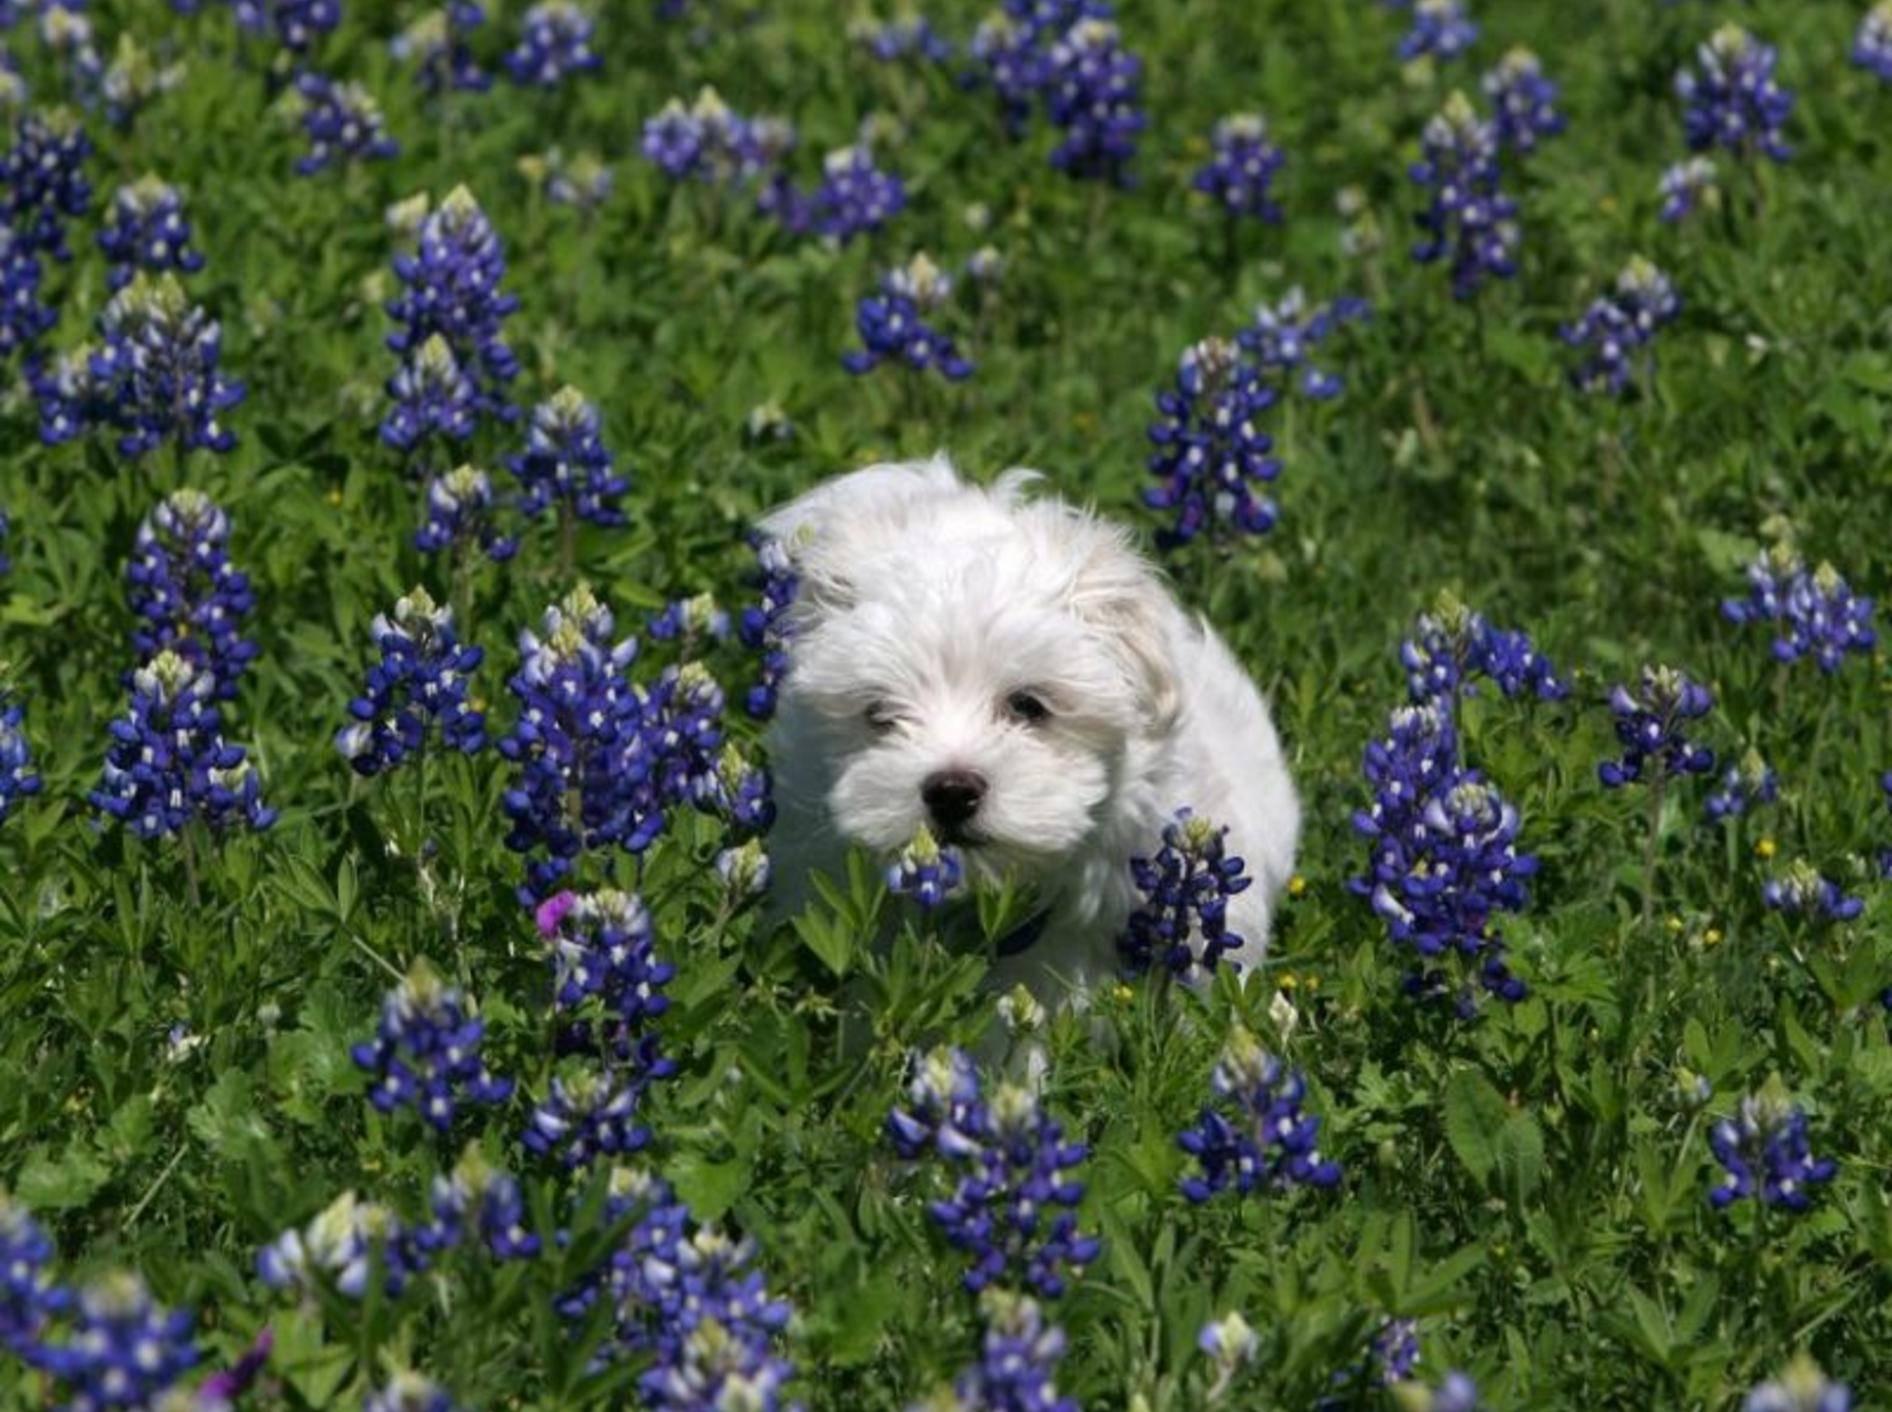 Malteser unterwegs: Der kleine Hund liebt Spaziergänge — Bild: Shutterstock / Melanie_Jensen